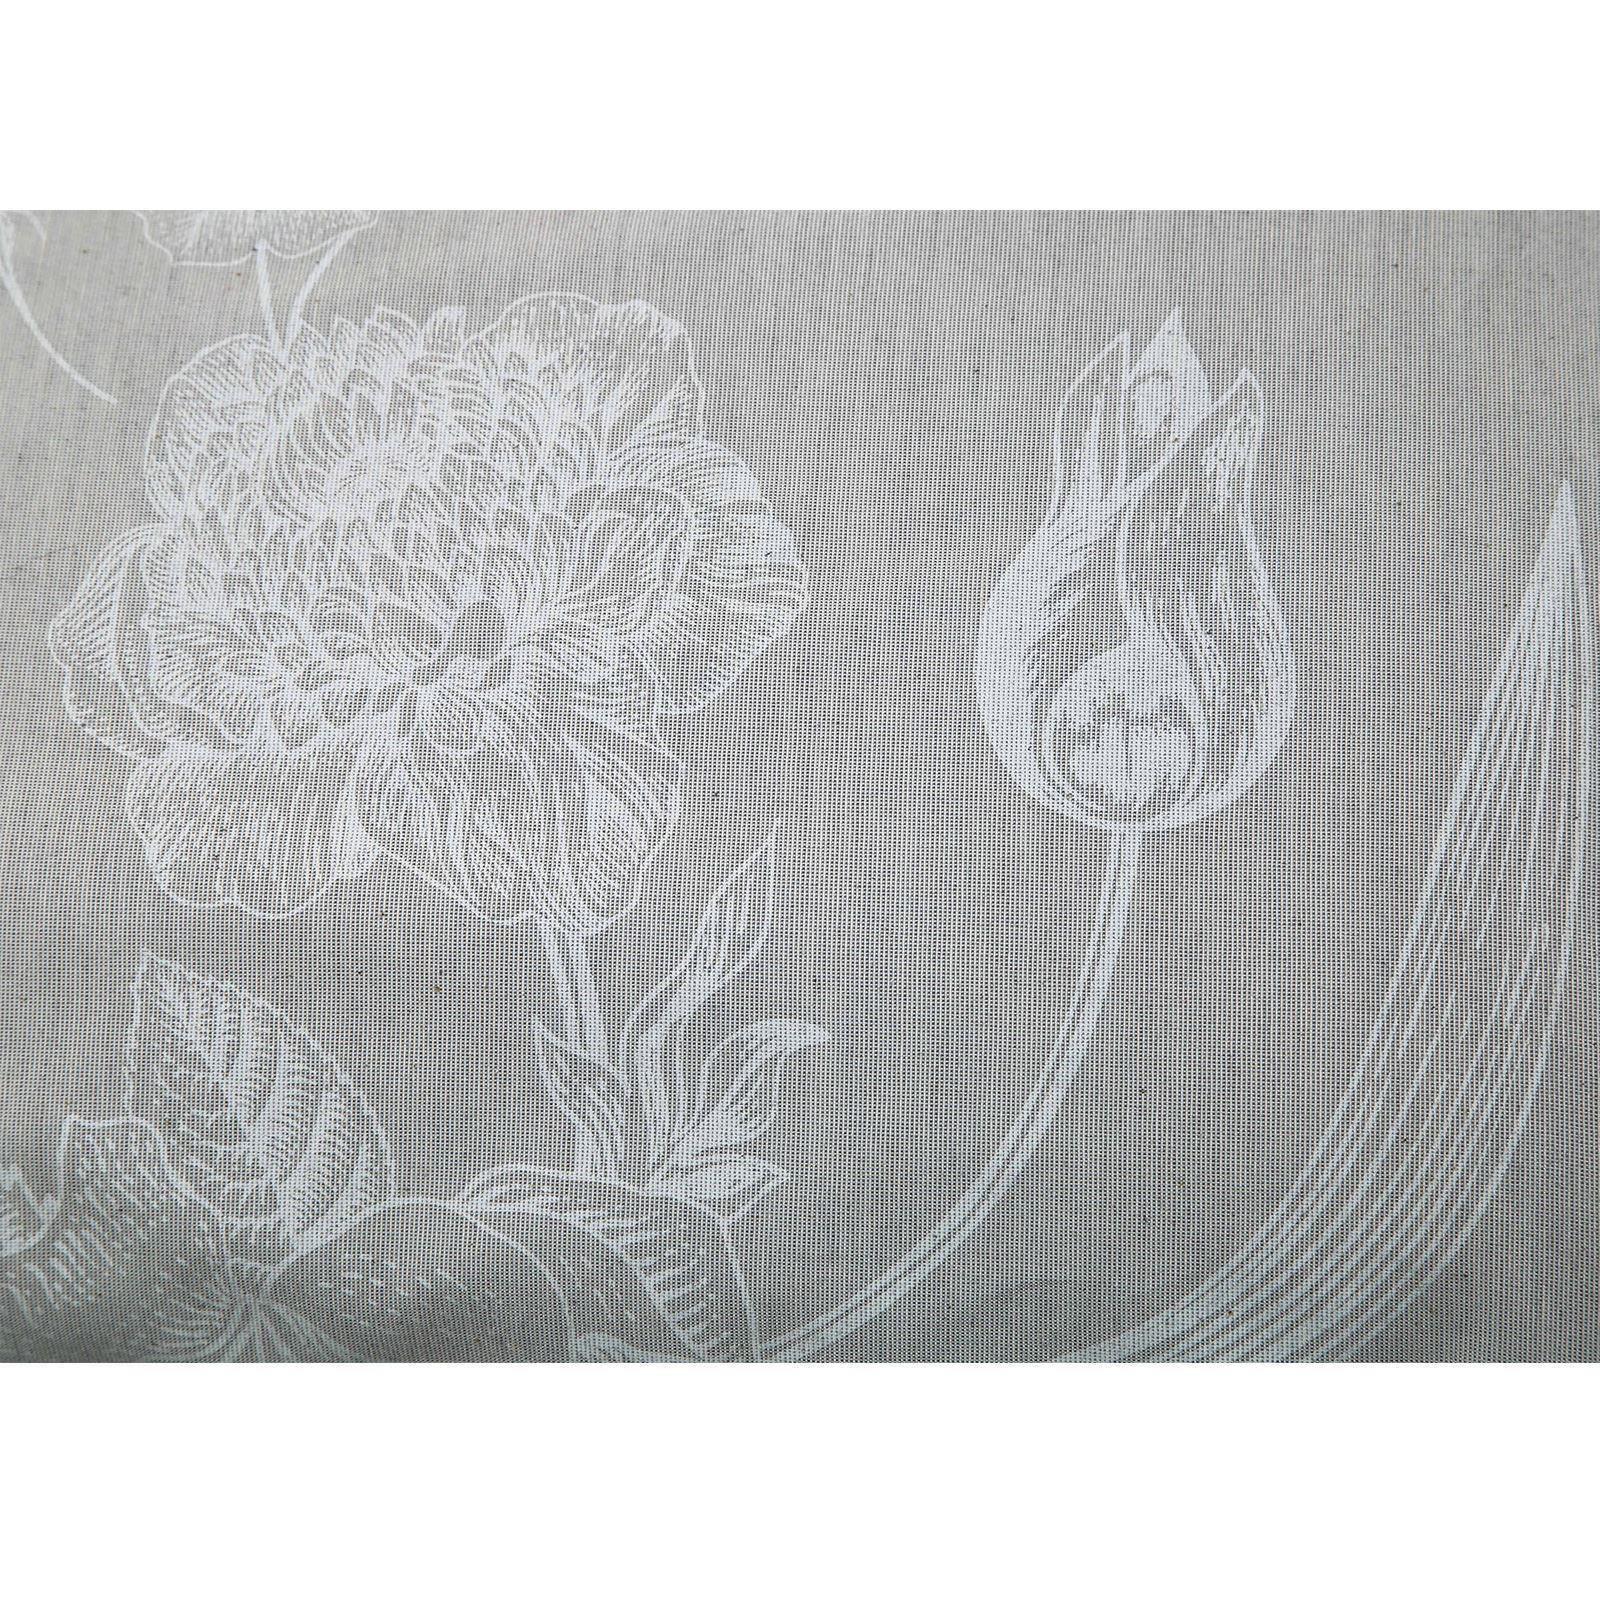 Funda-De-Edredon-Edredon-Juego-De-Cama-Individual-Doble-King-Size-Con-Estampado-Floral-fil-a-fil miniatura 19